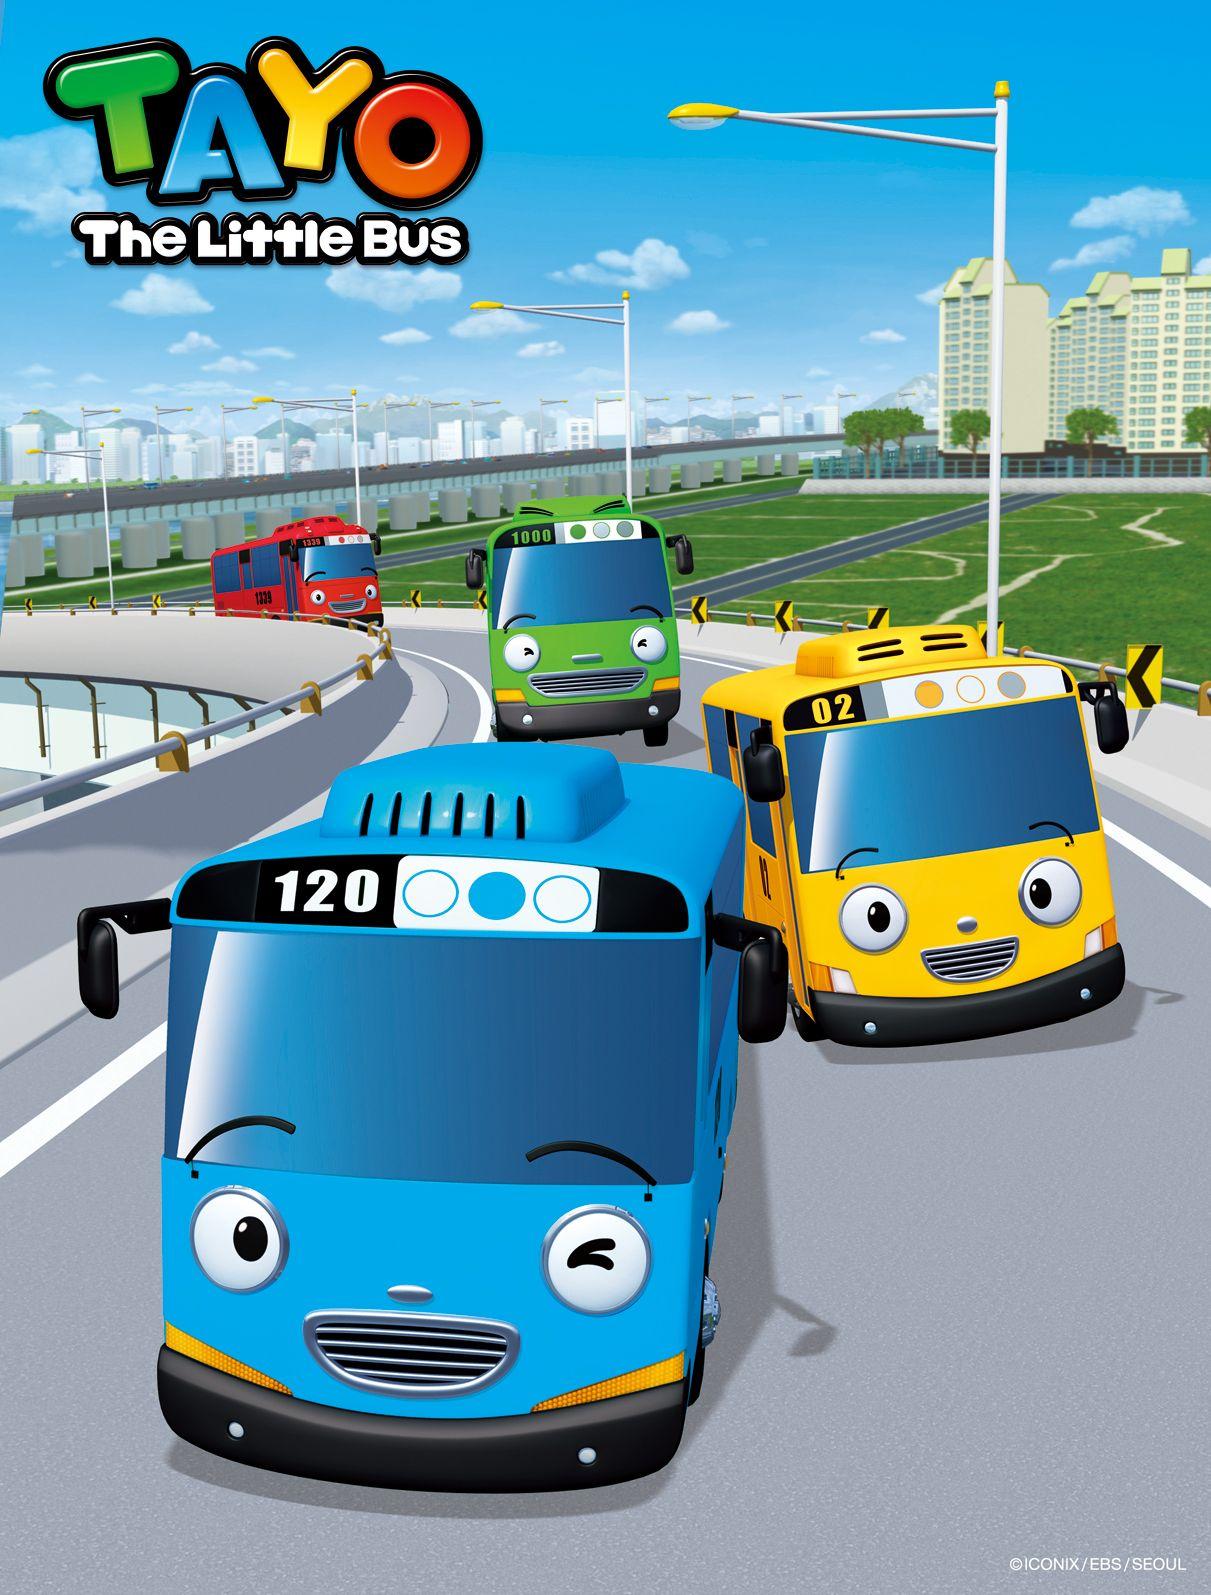 """ƒ€ìš""""] 꼬마버스 ƒ€ìš"""" [TAYO] The Little Bus ※ [사진제공 아이"""